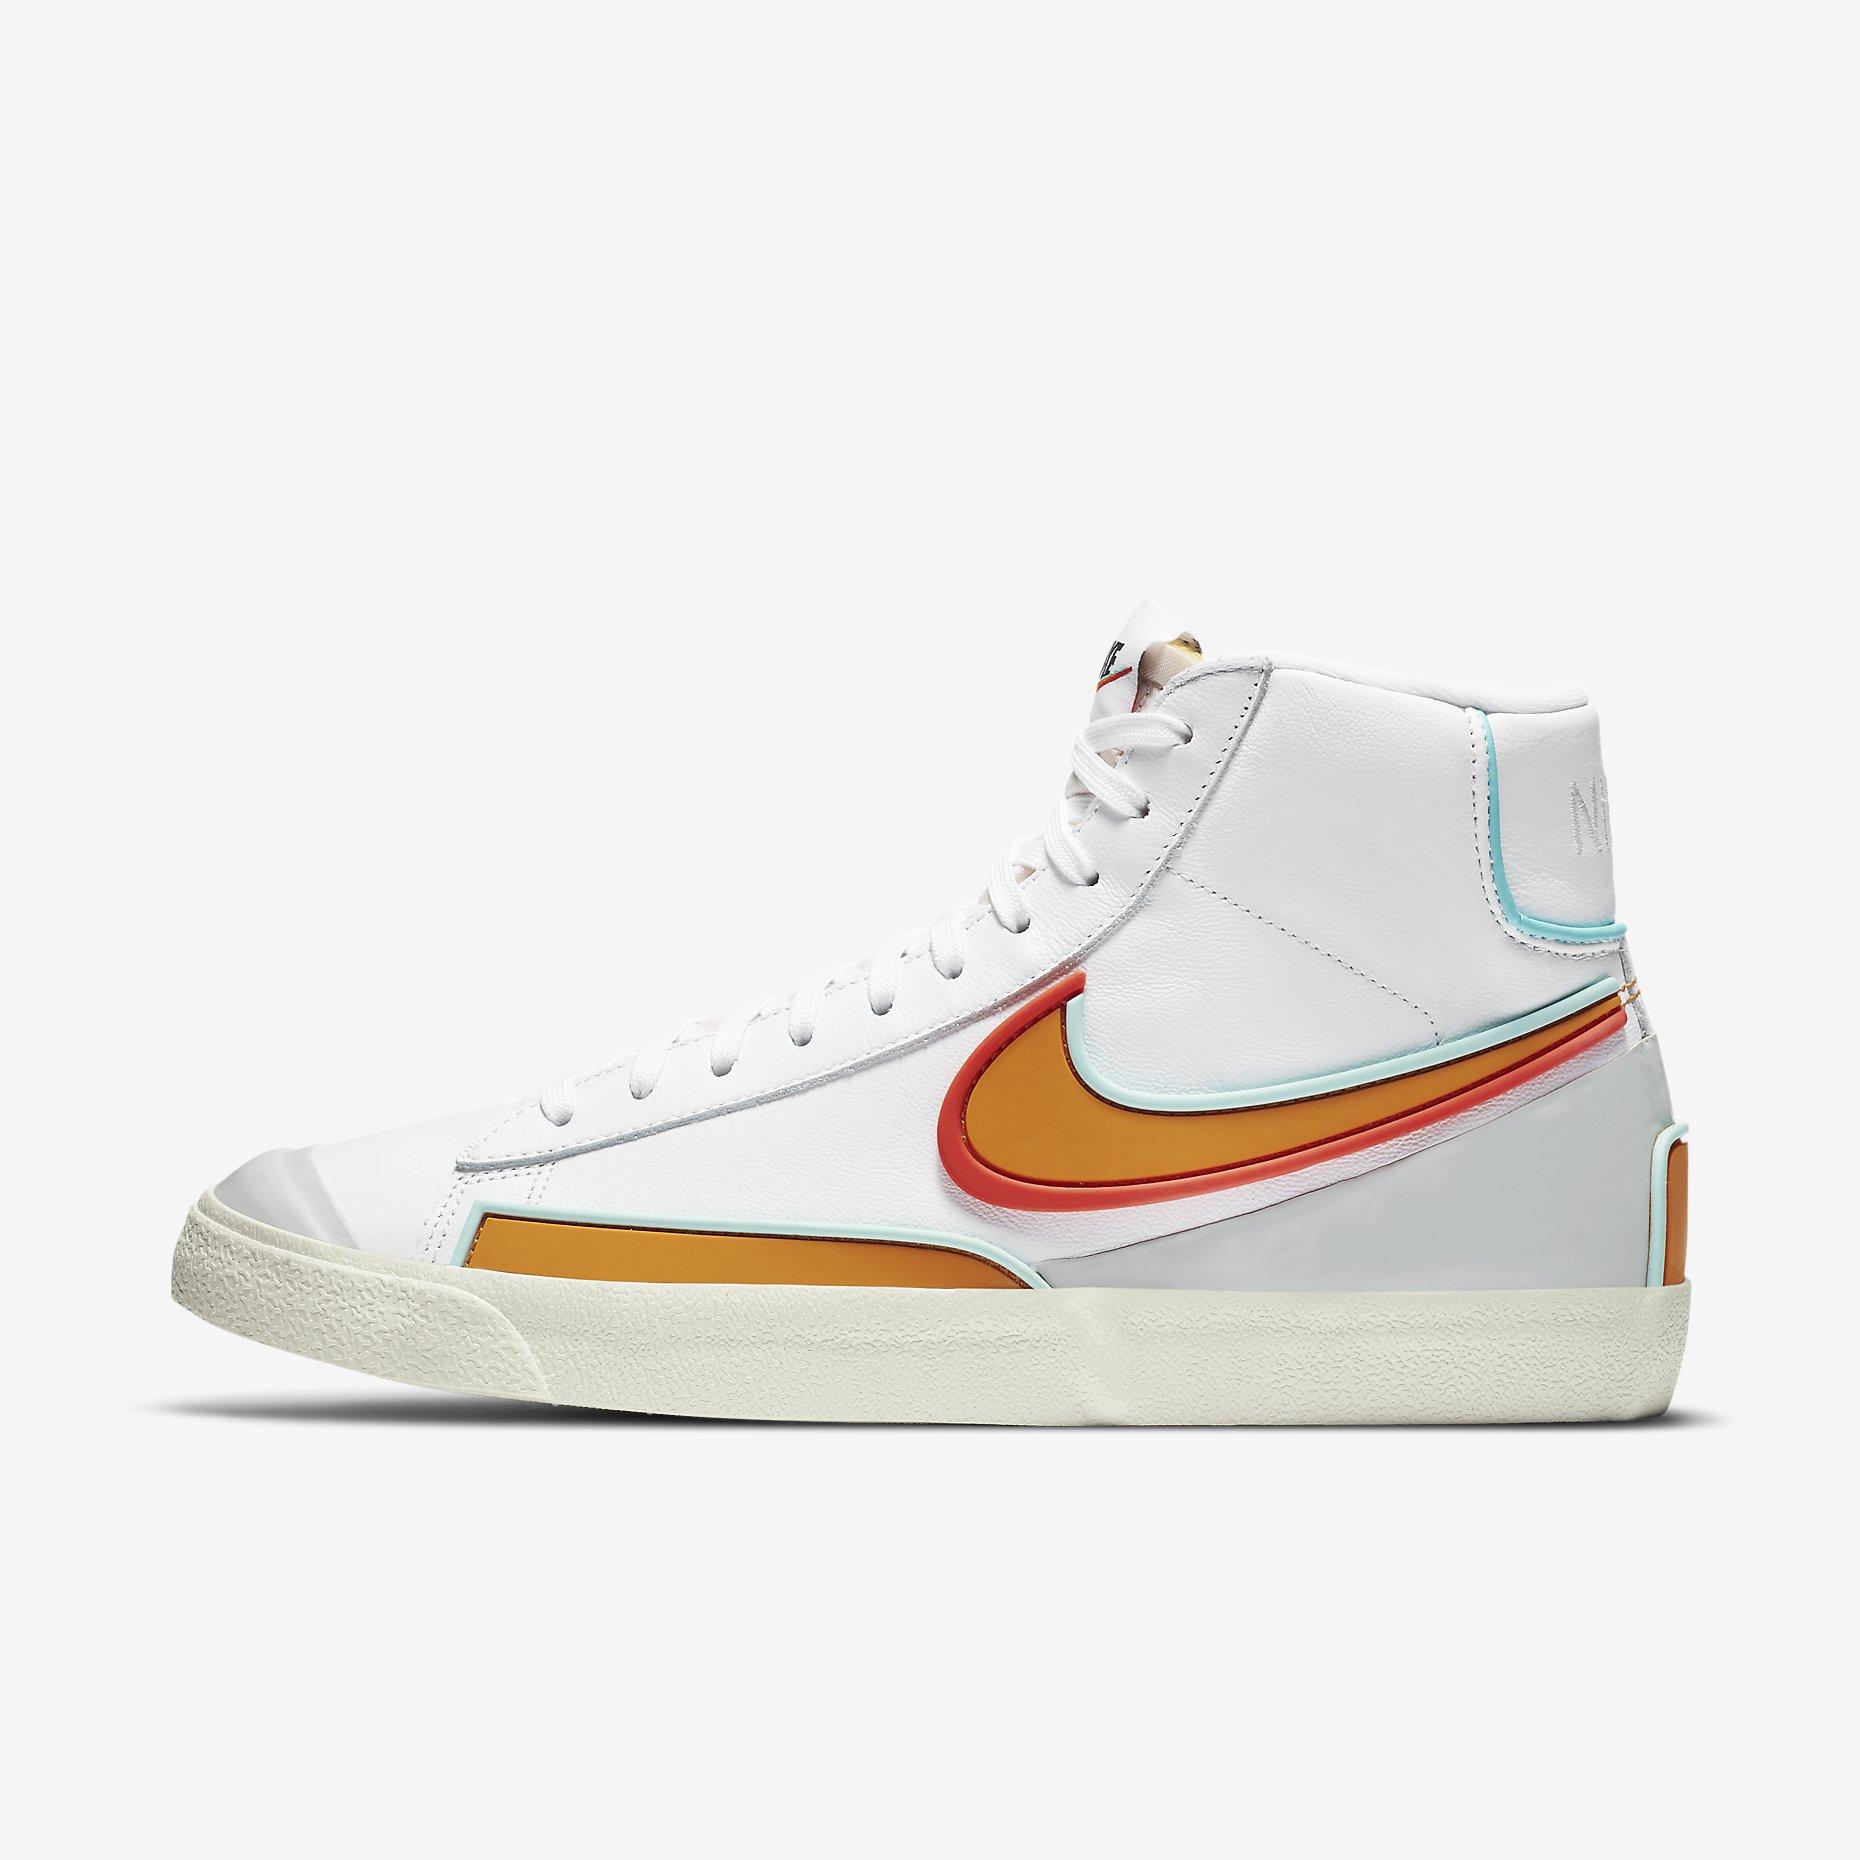 Nike Blazer Mid '77 Infinite 'White/Kumquat'